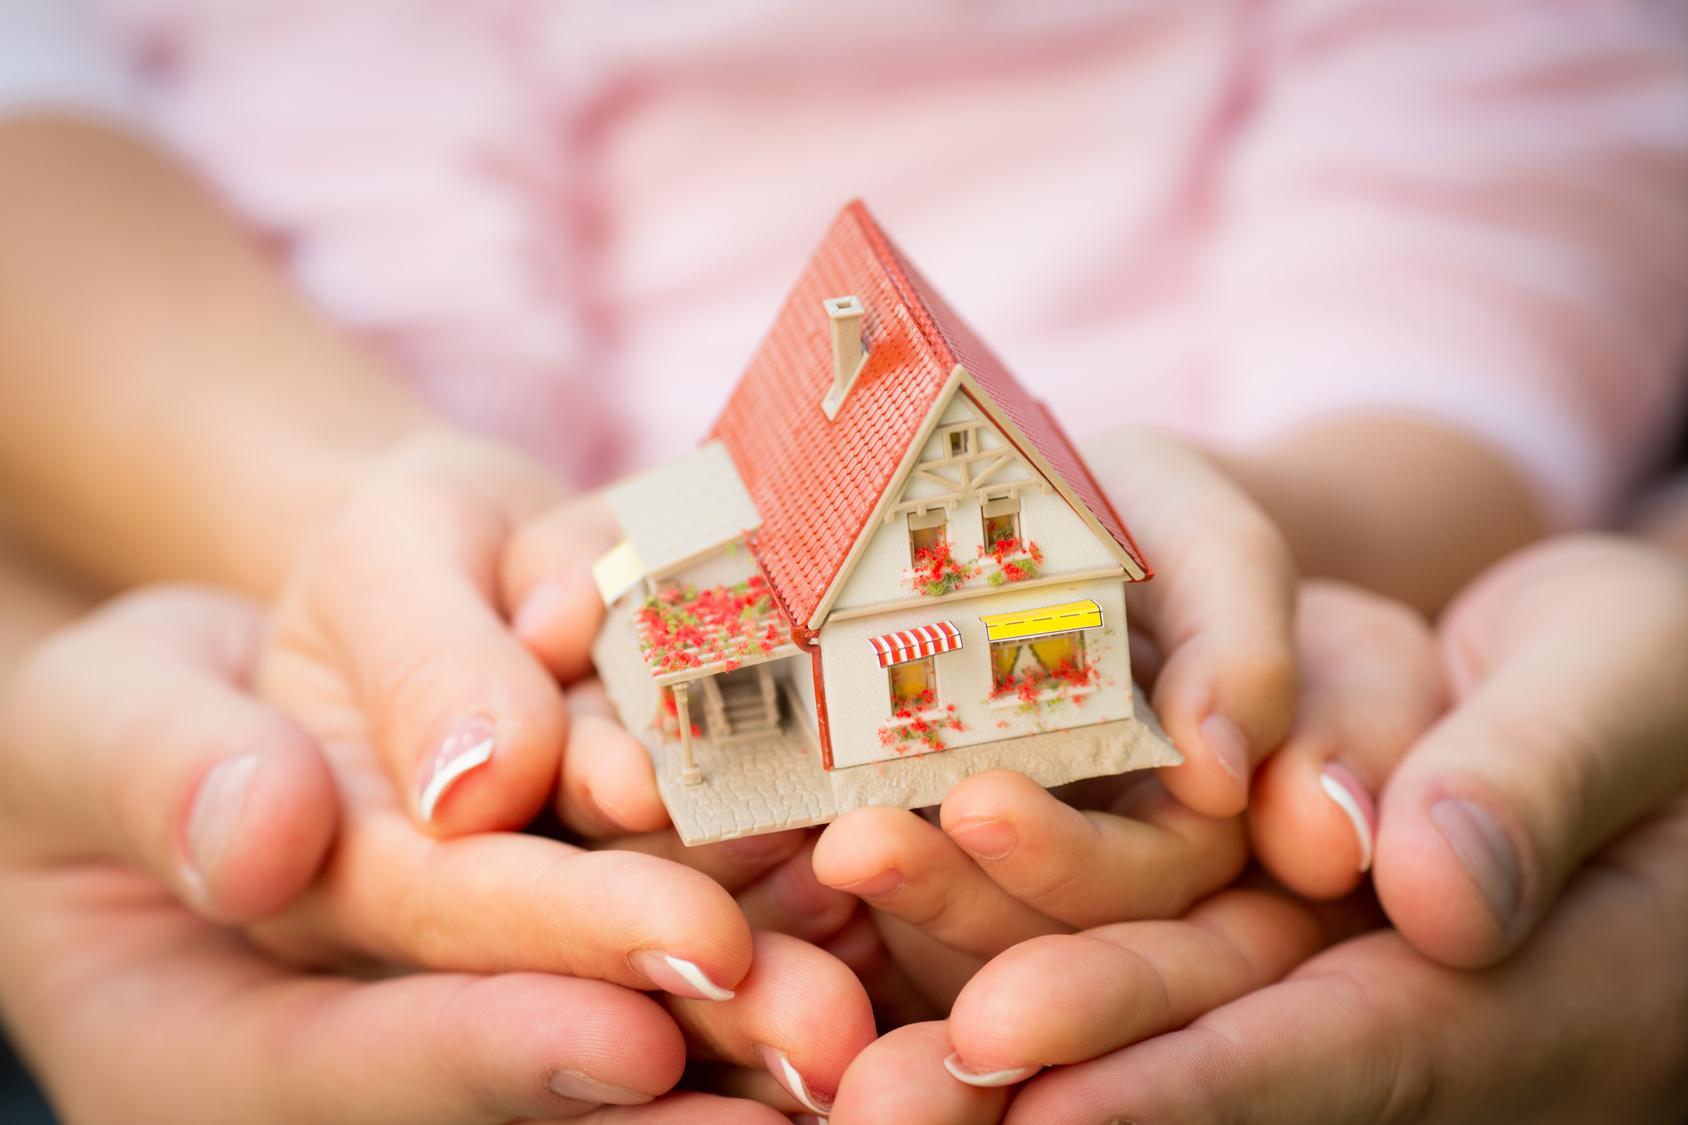 La tua casa: un investimento da proteggere per tutta la famiglia